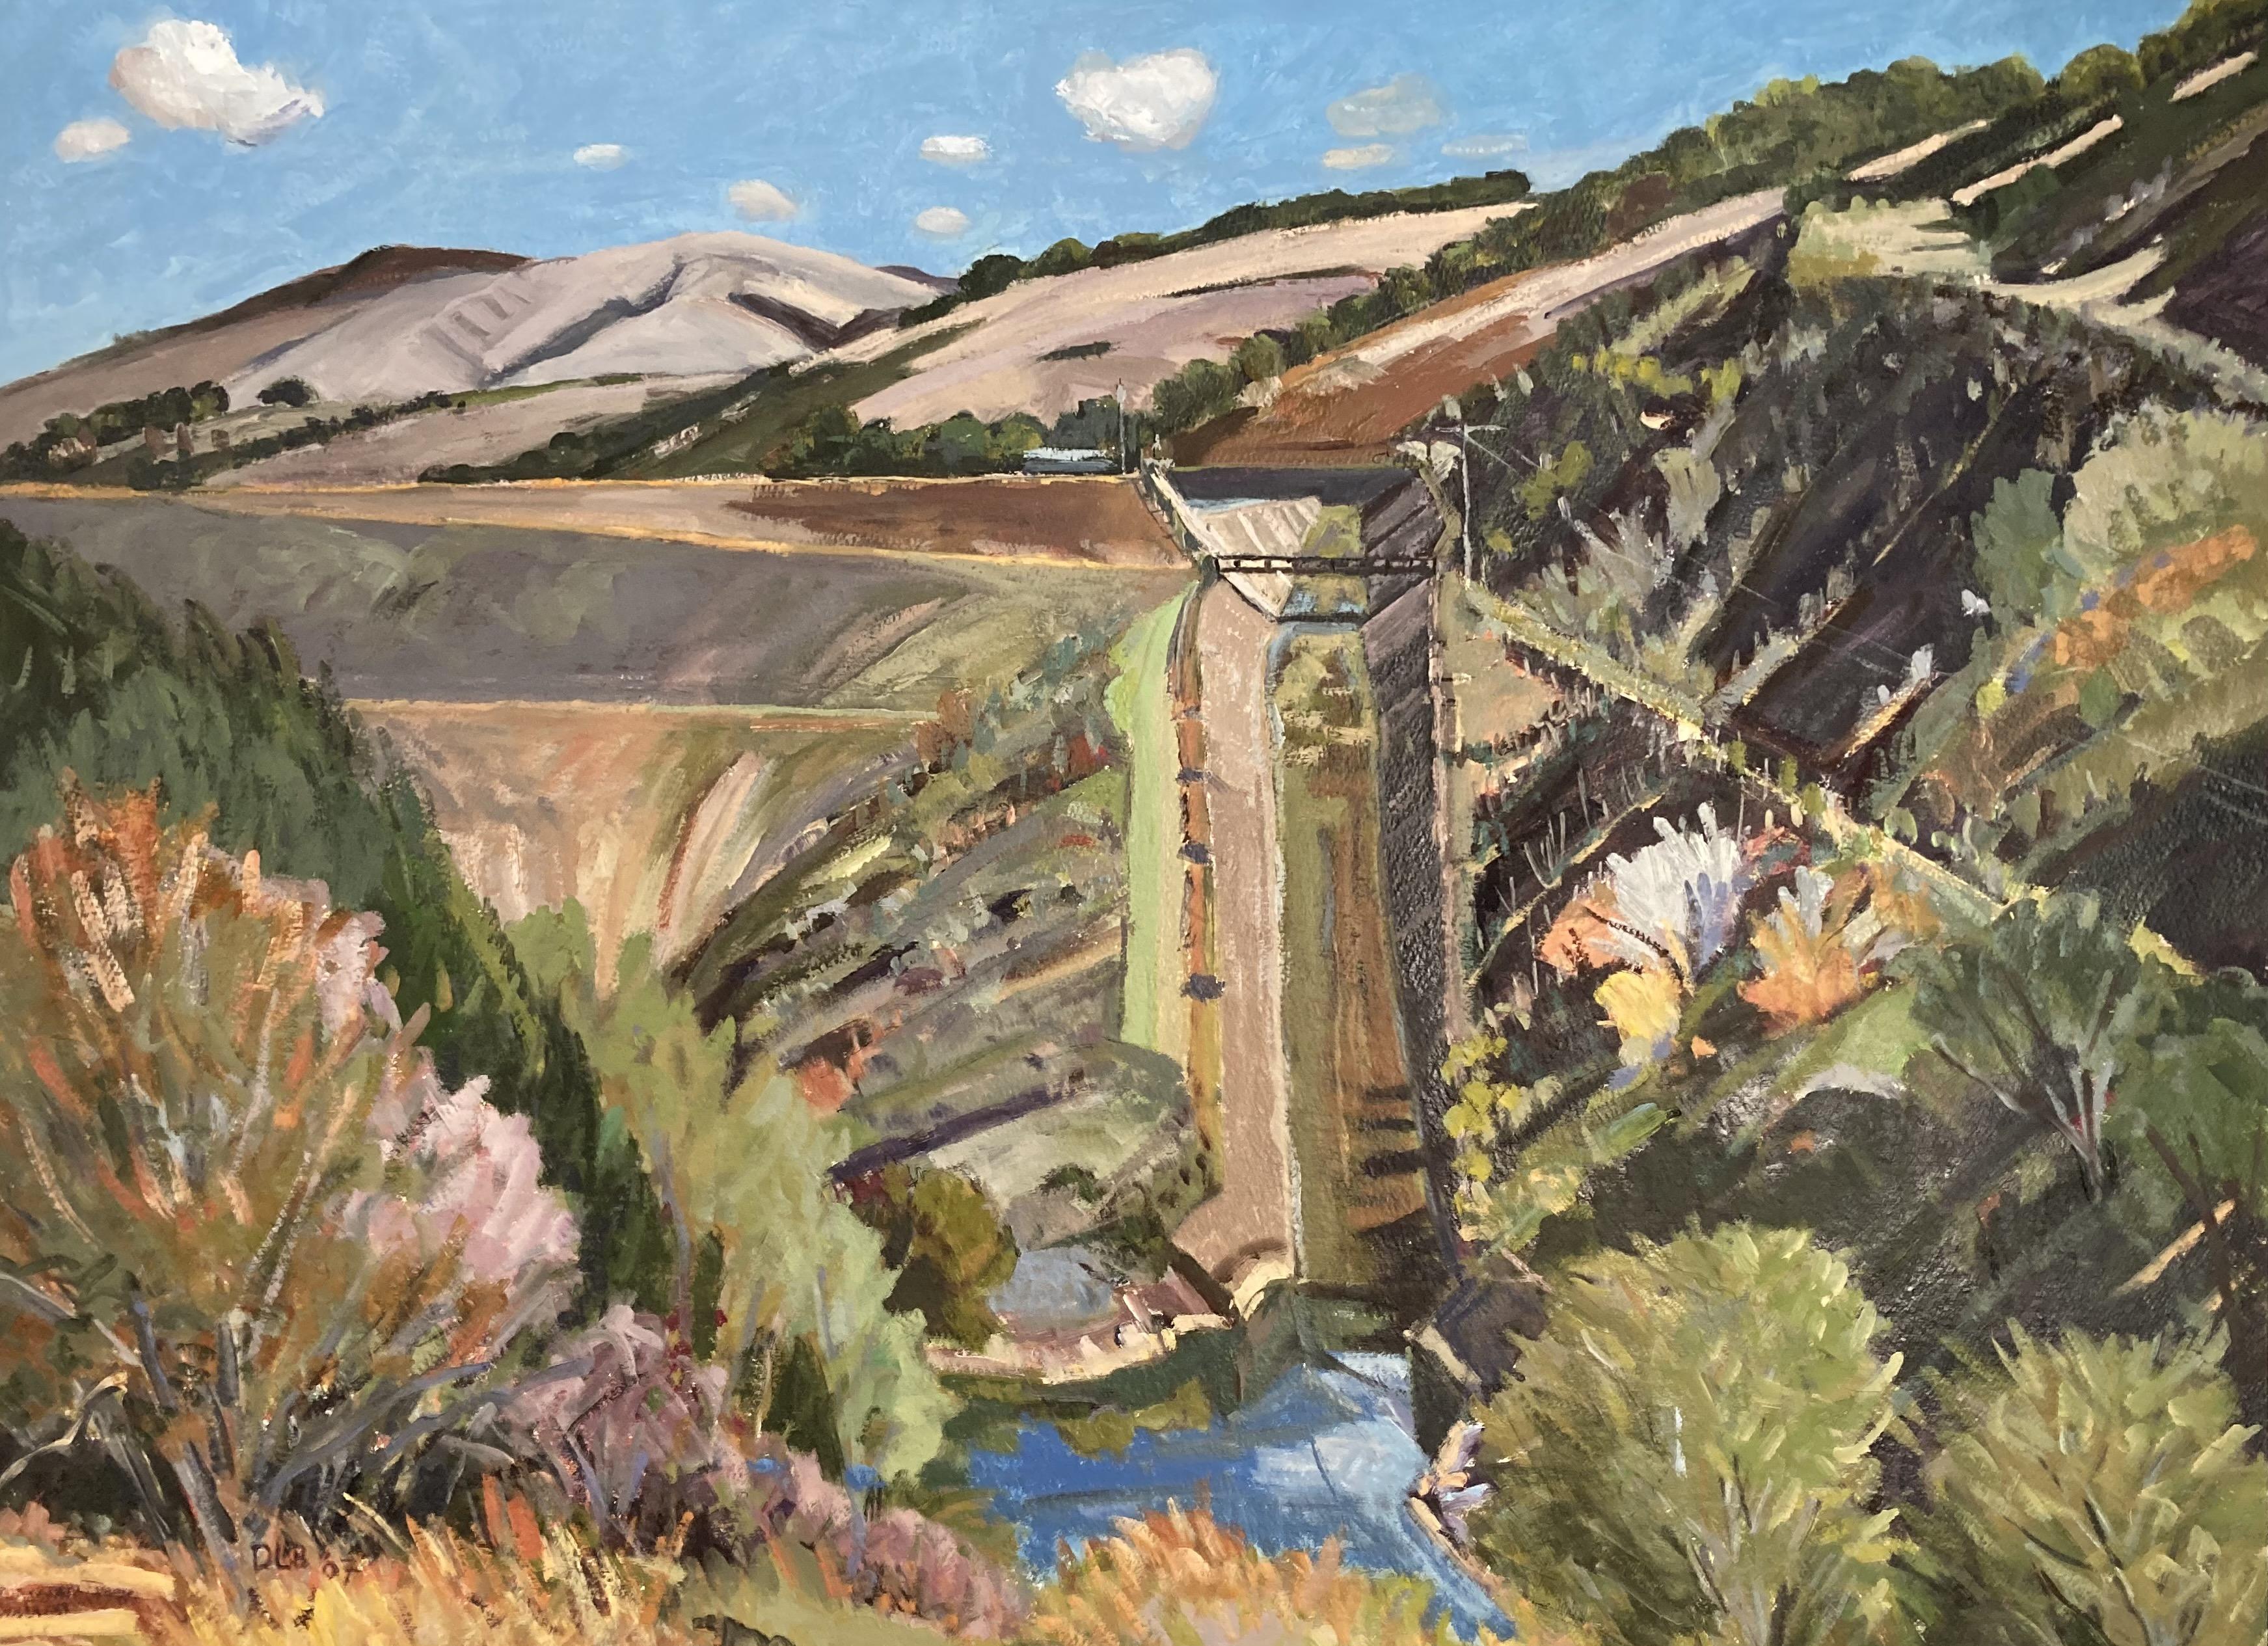 Nicasio Reservoir Spillway, 2006-2007